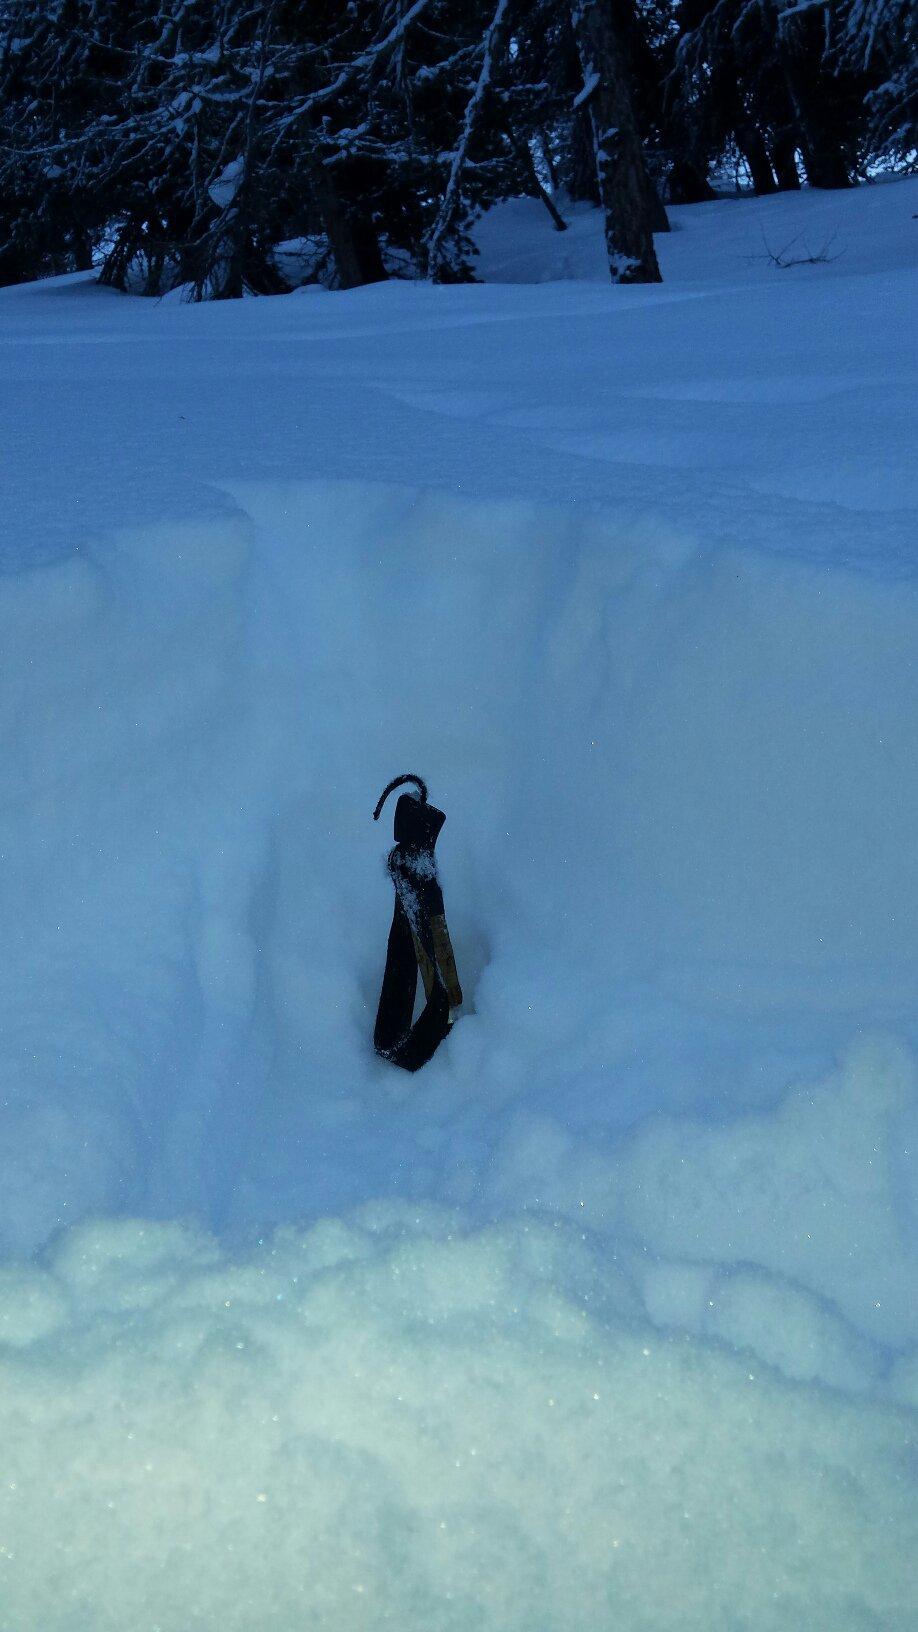 bastoncino piantato nella neve